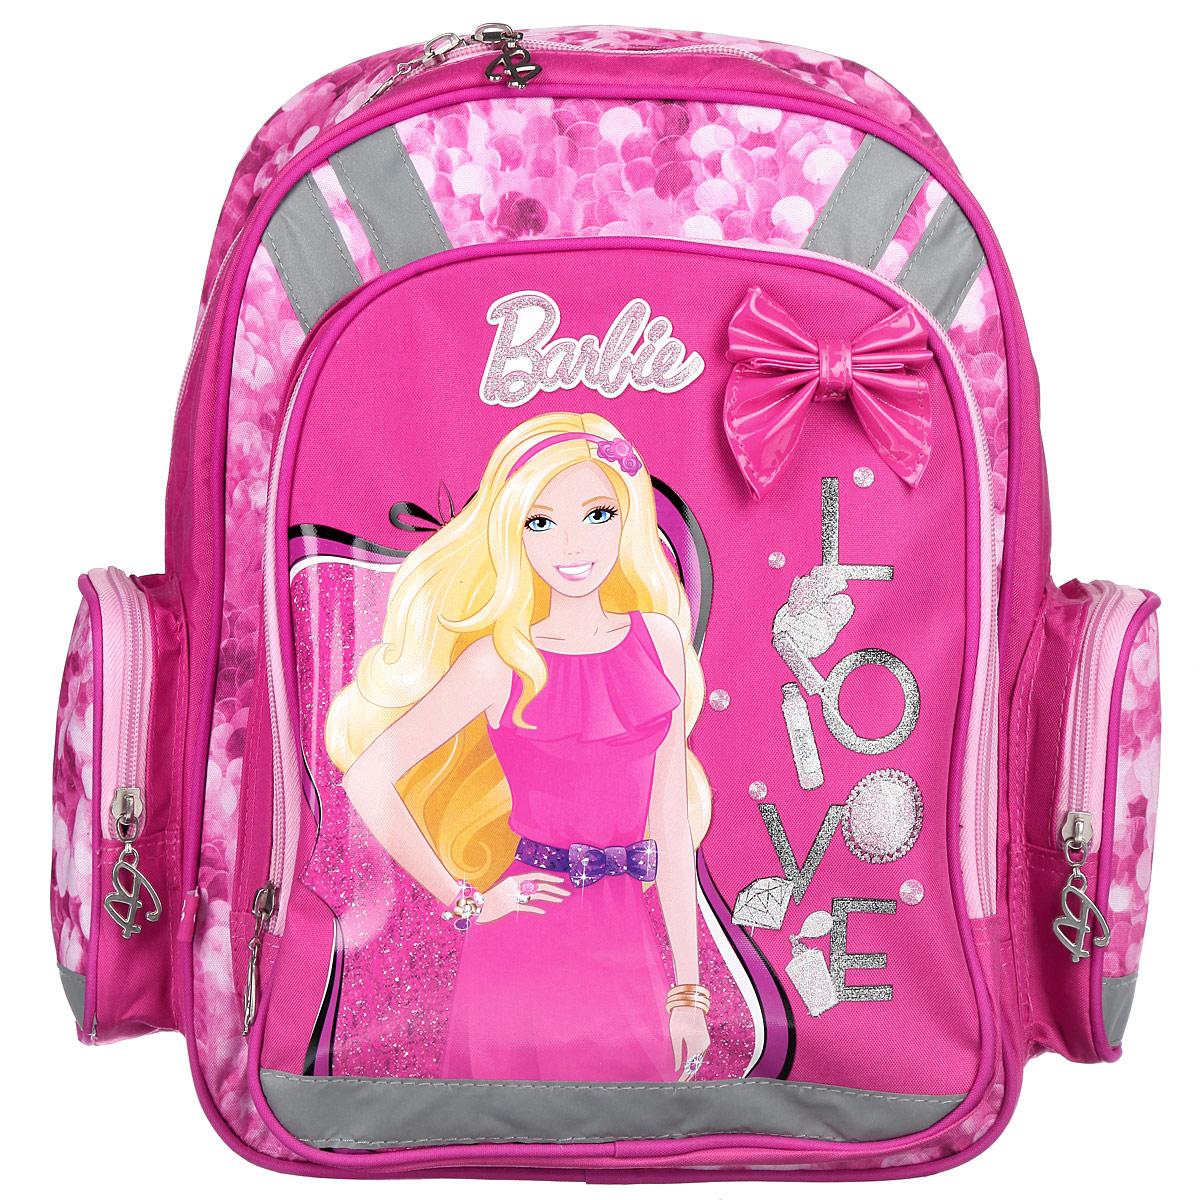 Рюкзак школьный Barbie, цвет: розовый, сиреневый. BRBB-RT2-836BRBB-RT2-836Школьный рюкзак Barbie привлечет внимание вашей школьницы. Выполнен из современных водонепроницаемых, износостойких материалов и оформлен изображением куклы Барби. Содержит вместительное отделение с двумя перегородками, которые позволяют разместить учебные принадлежности формата А4. Дно рюкзака можно сделать жестким, разложив специальную панель с пластиковой вставкой, что повышает сохранность содержимого рюкзака и способствует правильному распределению нагрузки. Лицевая сторона оснащена накладным карманом на молнии. По бокам расположены два накладных кармана также на застежке-молнии. Спинка выполнена с использованием вставки из эластичного упругого материала и специально расположенных элементов, служащих для правильного и безопасного распределения нагрузки на спину ребенка. Лямки рюкзака с поролоном и воздухообменной сеткой регулируются по длине, обеспечивая комфорт при ношении рюкзака. Изделие оснащено Рюкзак оснащен эргономичной ручкой для удобной переноски в руке....